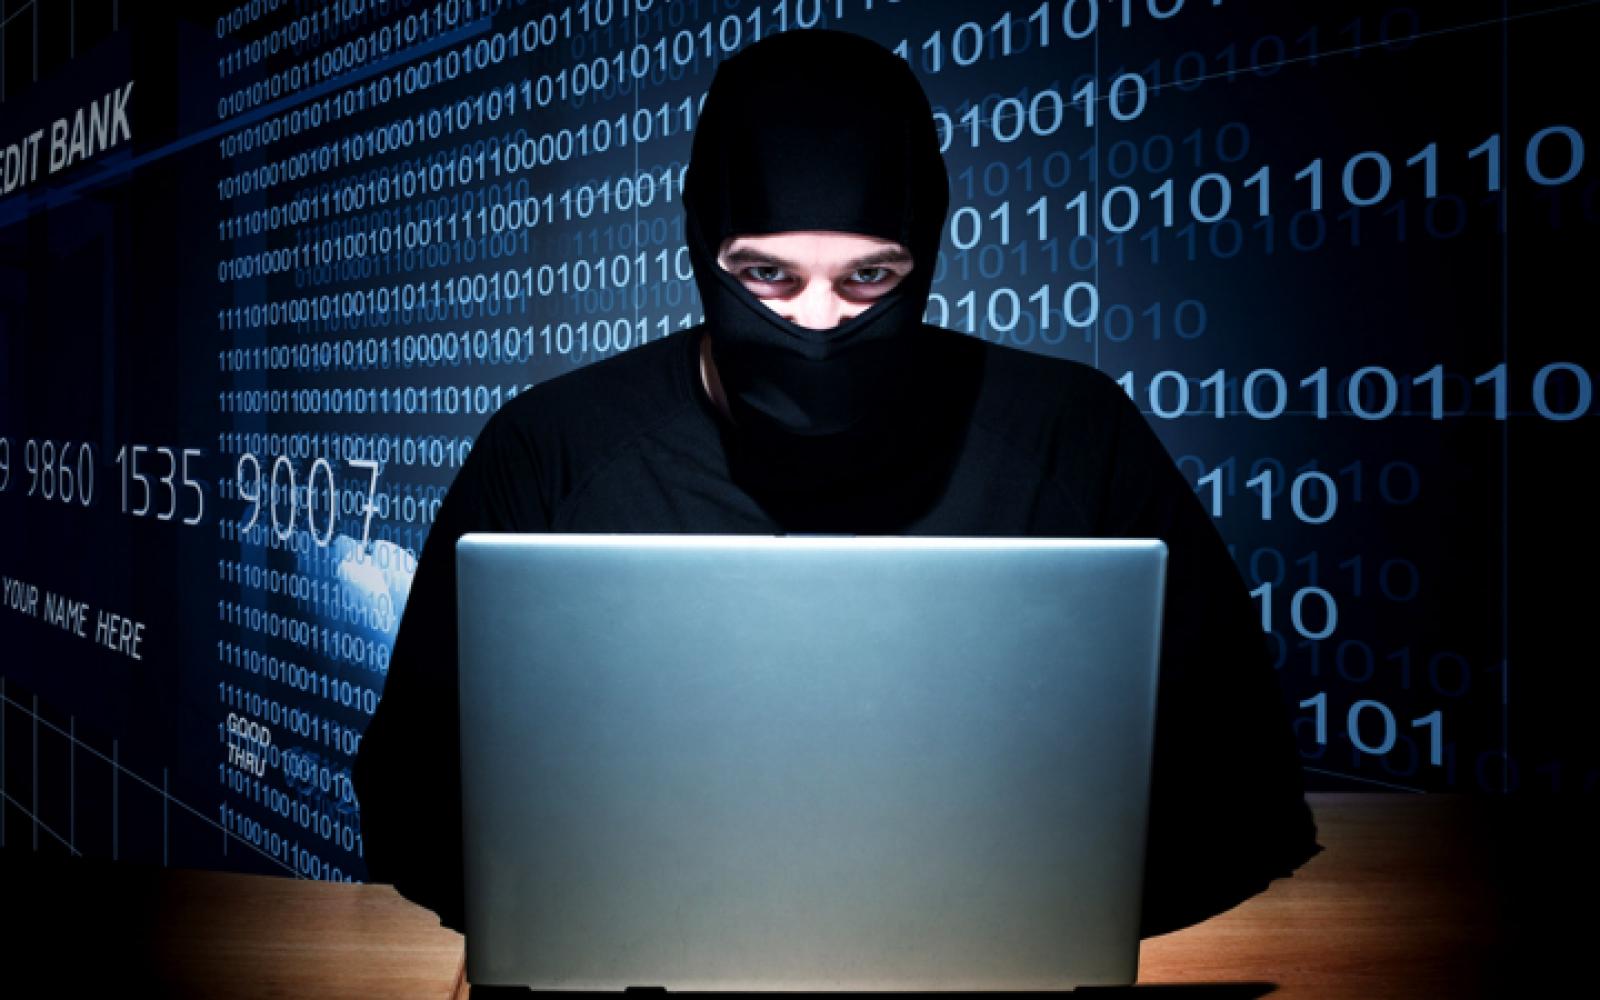 Киберполиция остановила деятельность разработчиков онлайн-казино